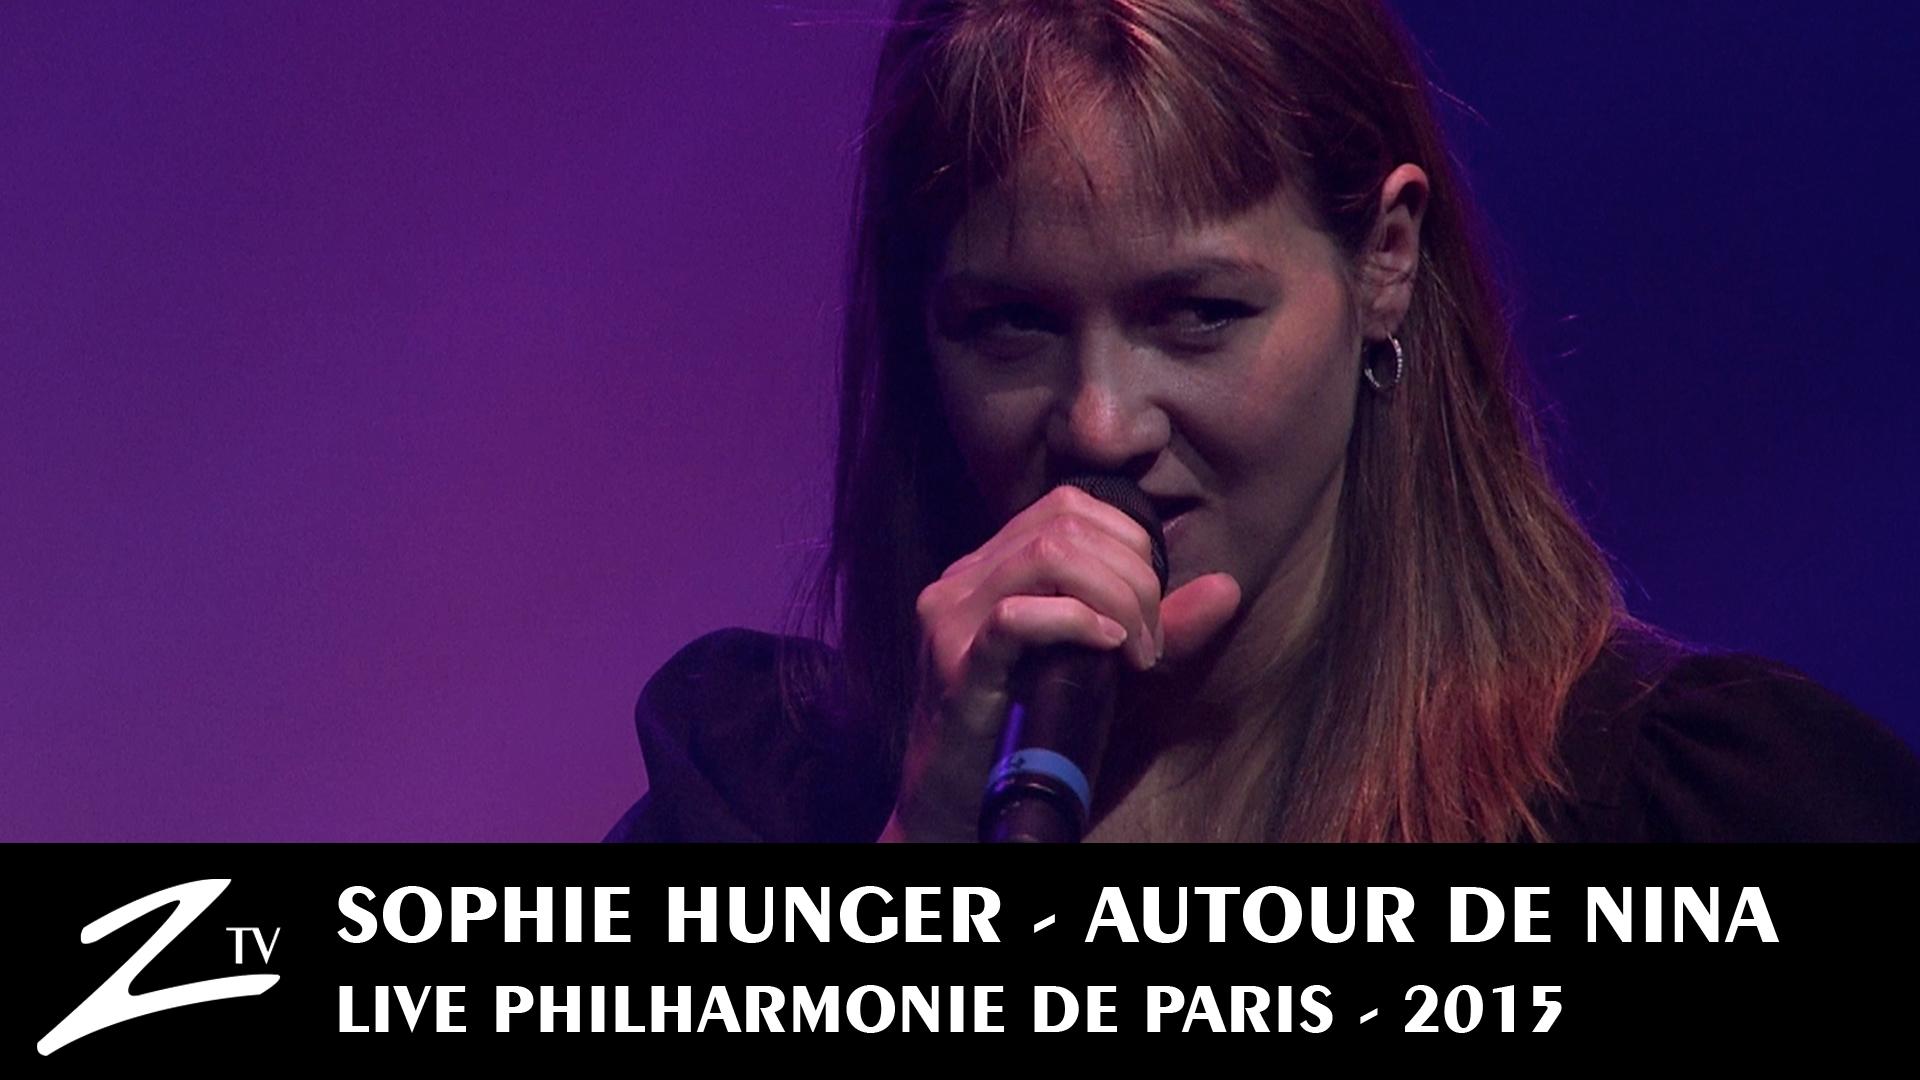 Sophie Hunger